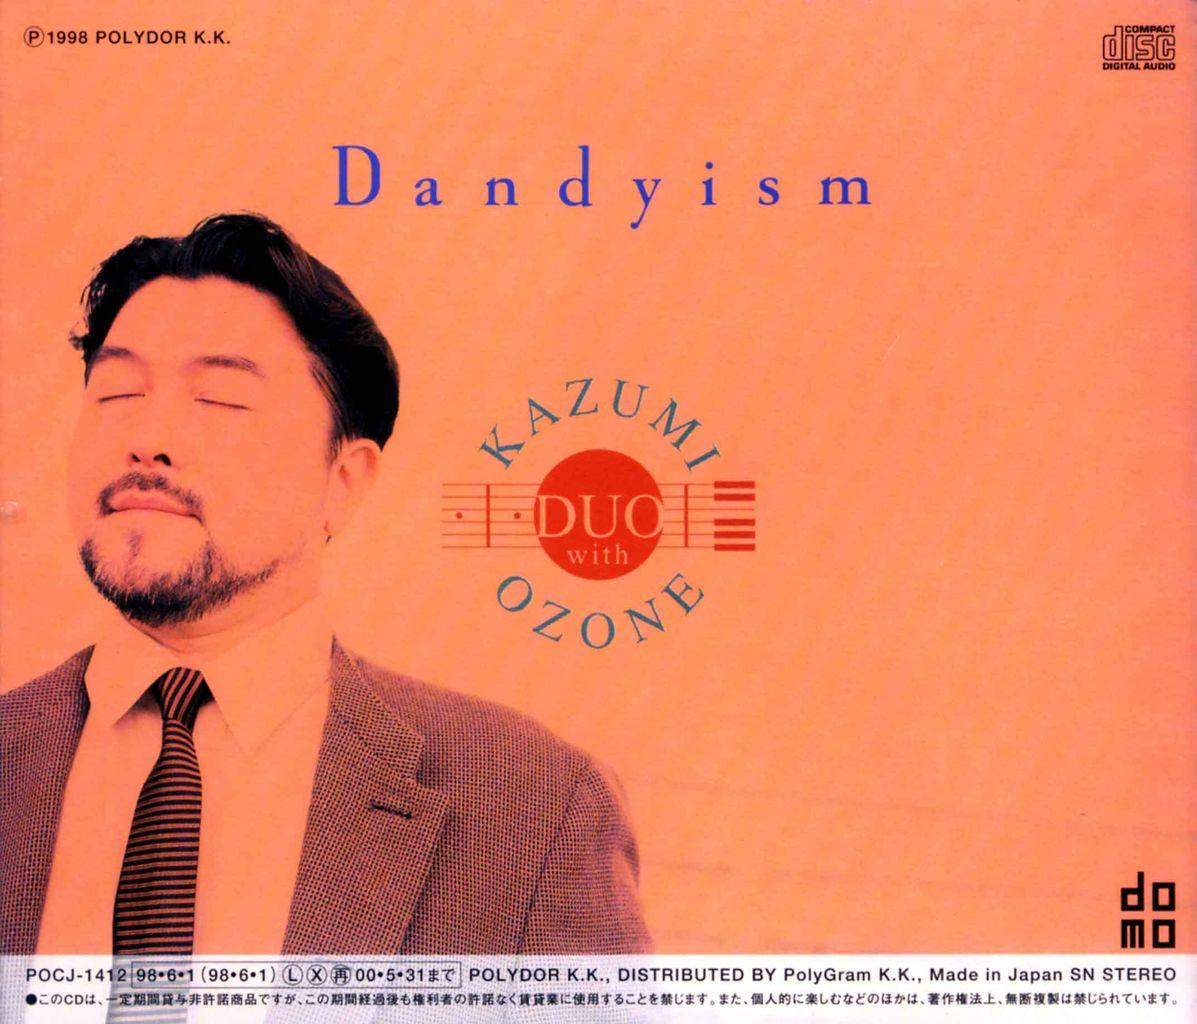 DANDYISM-2